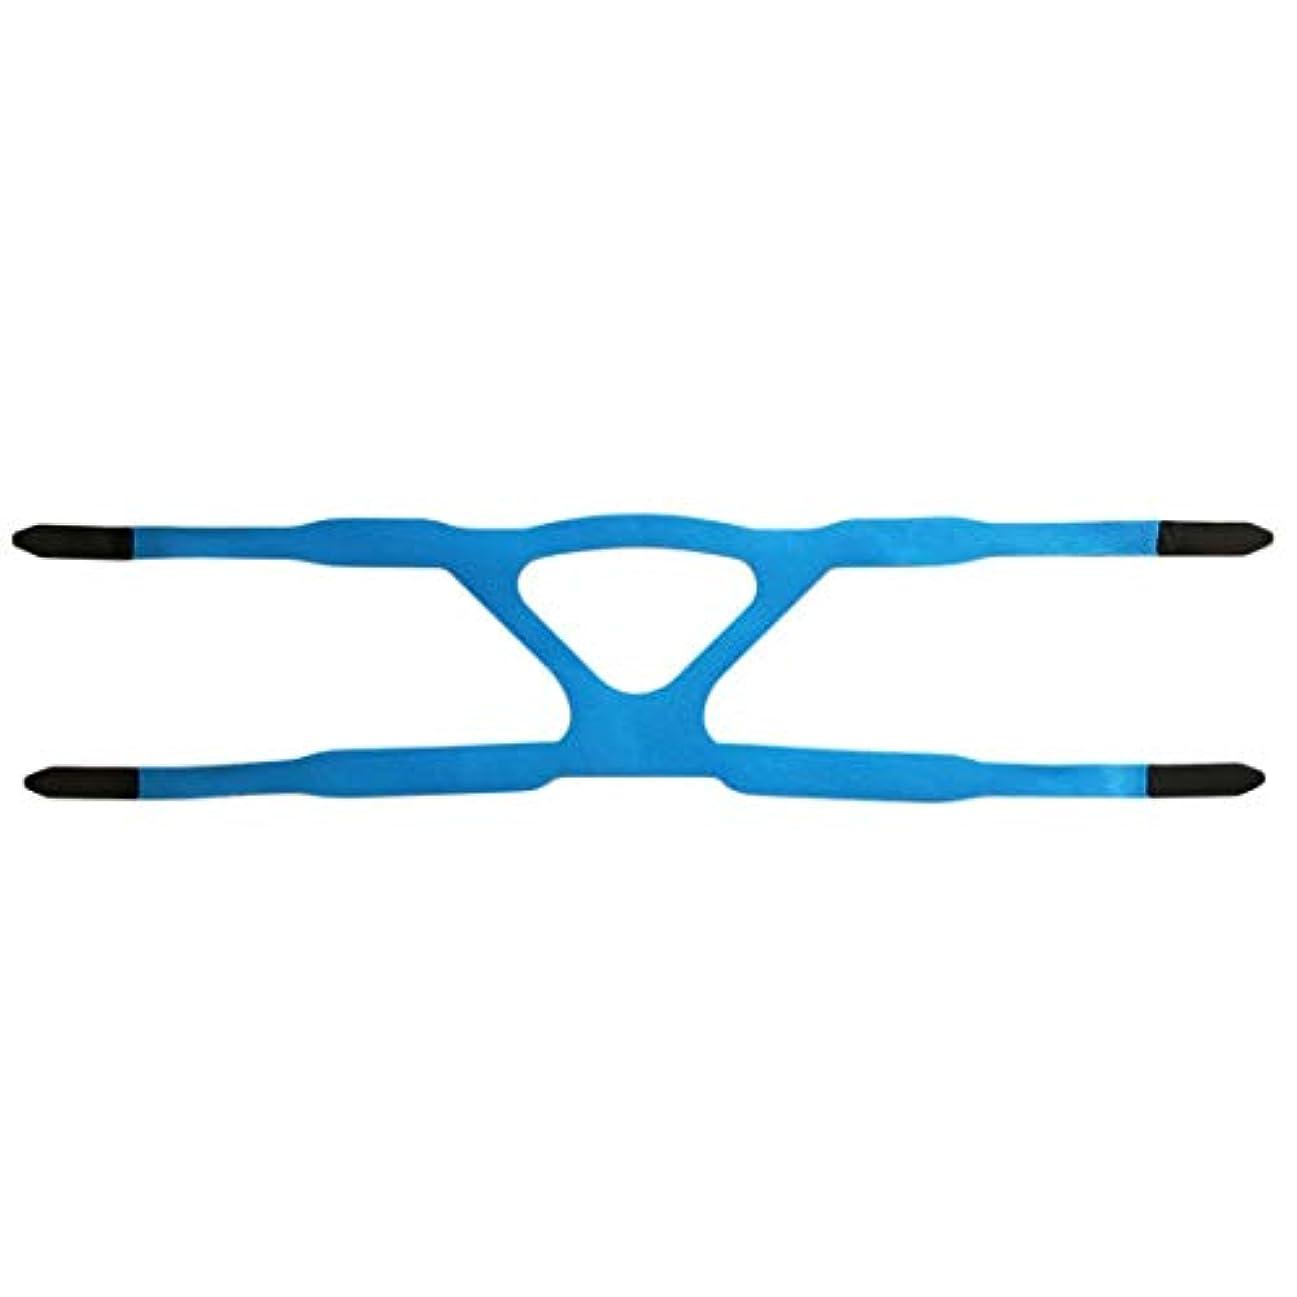 純粋に有効屋内でユニバーサルヘッドギアコンフォートジェルフルマスク安全な環境での取り替えCPAPヘッドバンドなしPHILPSに適した - ブルー&グレー